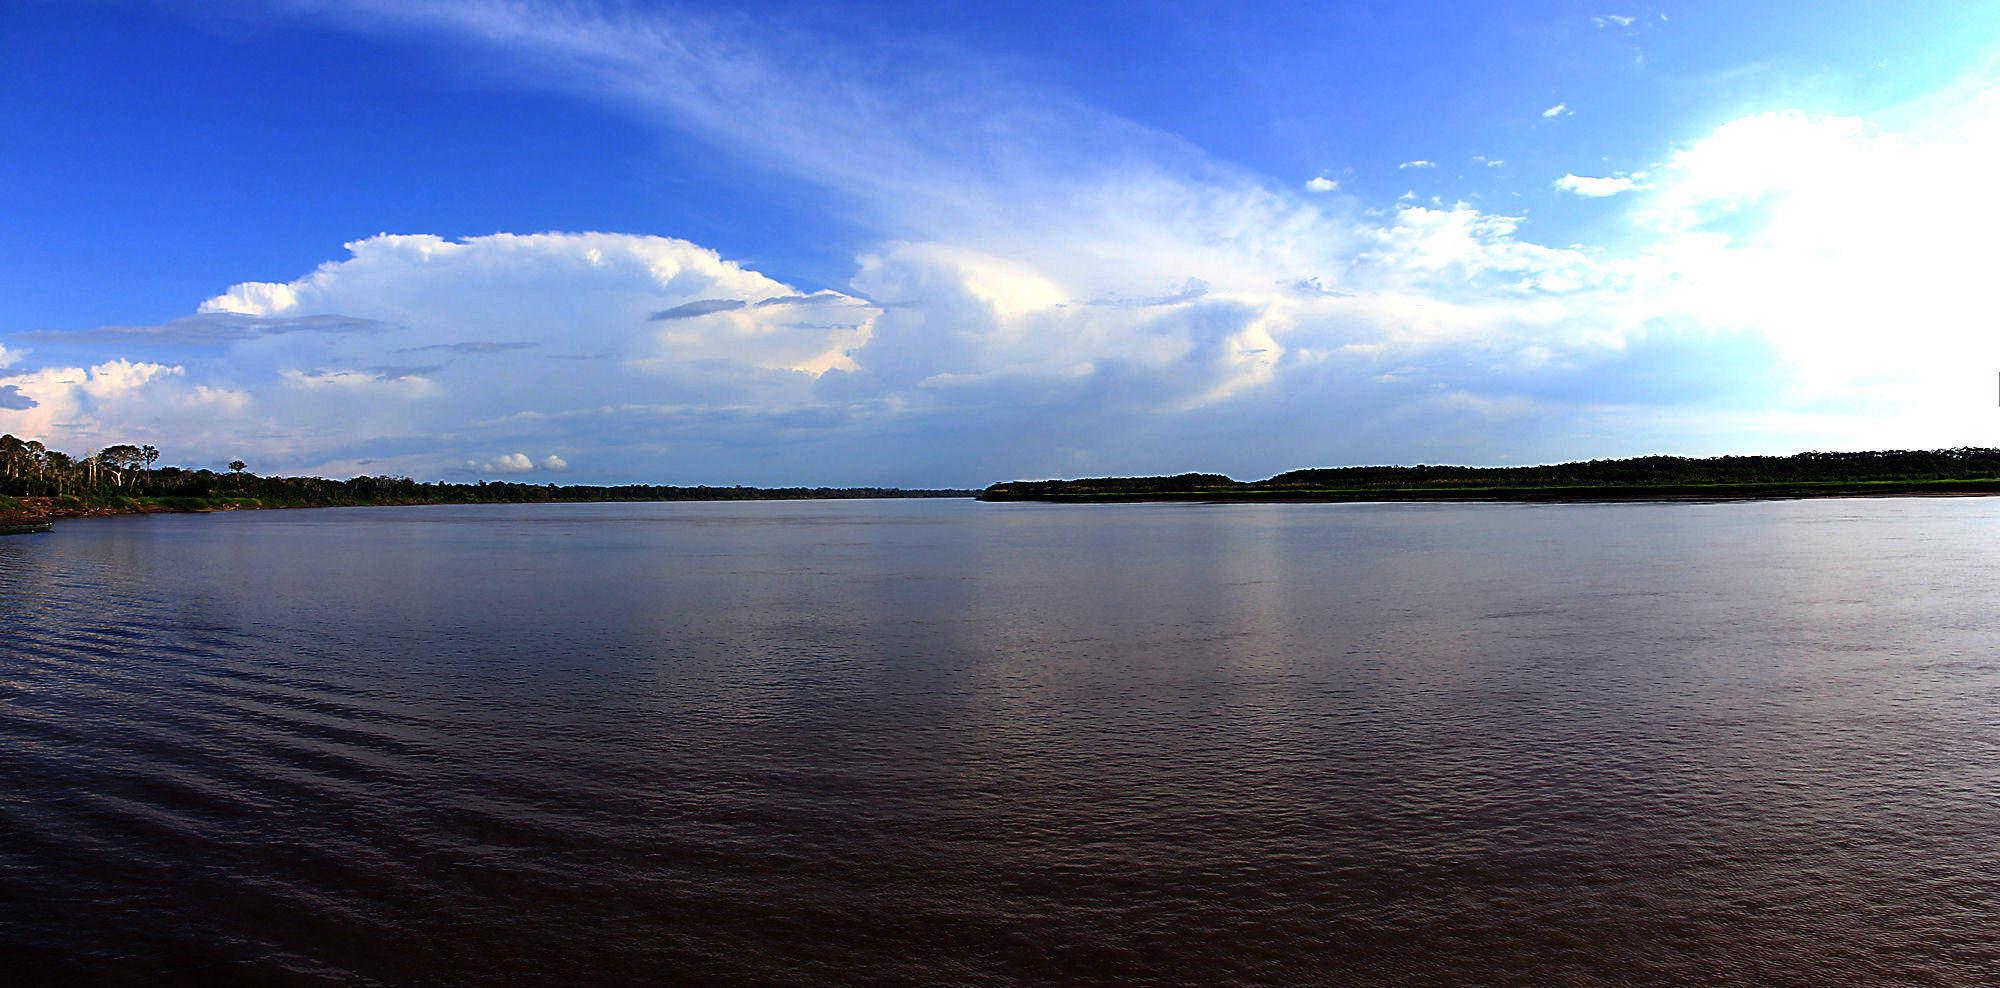 Río Ucayali, Peru